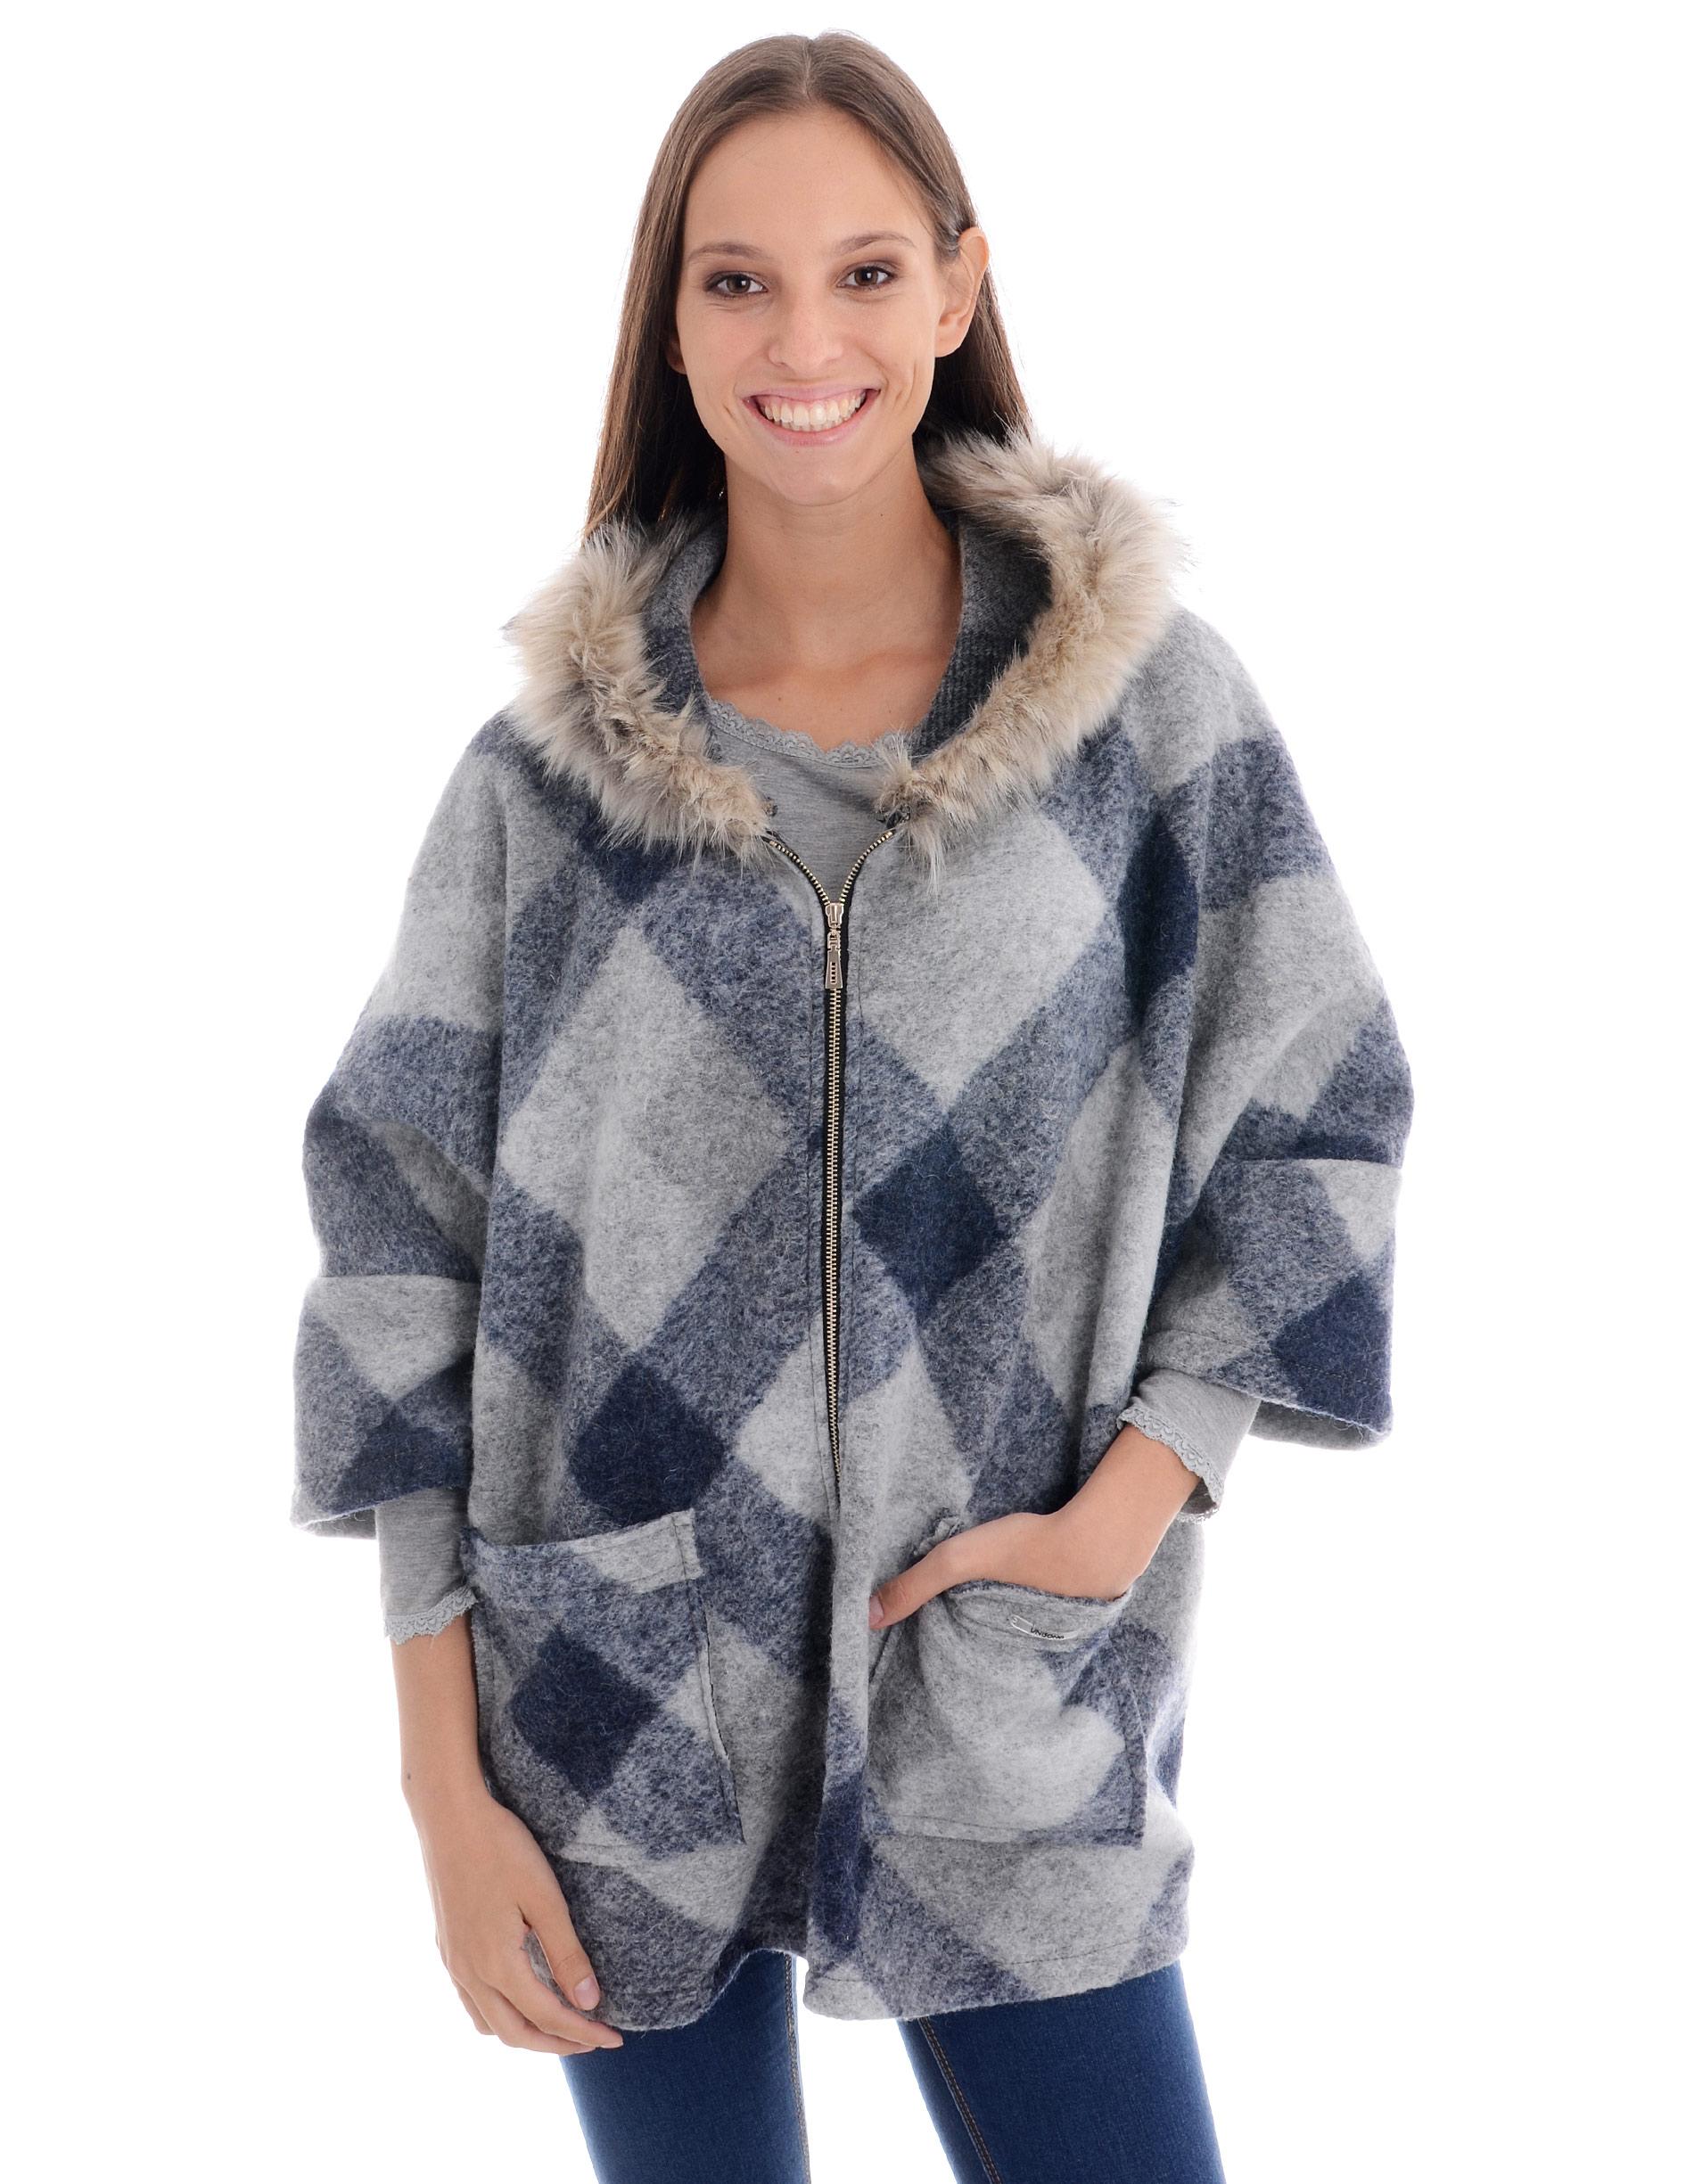 Płaszcz materiałowy - 34-3679 JEANS - Unisono